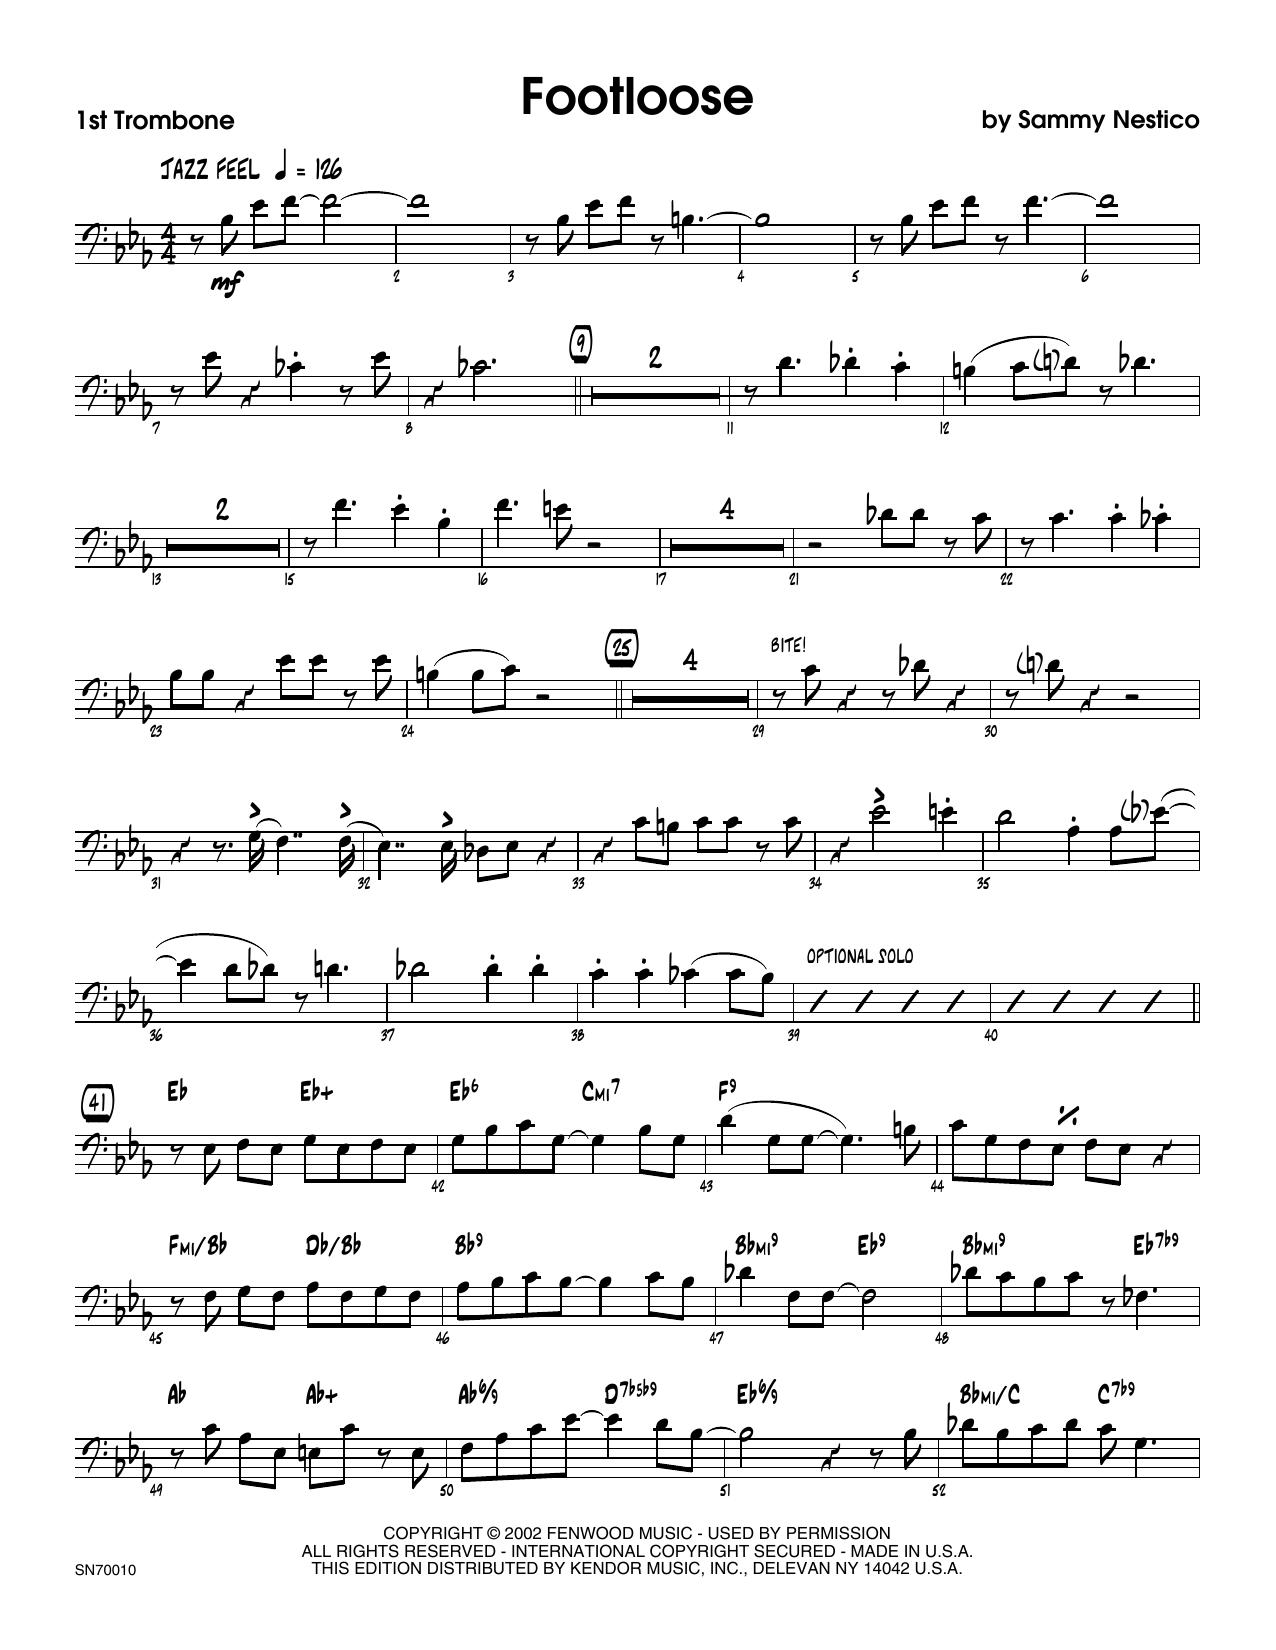 Footloose - 1st Trombone Sheet Music